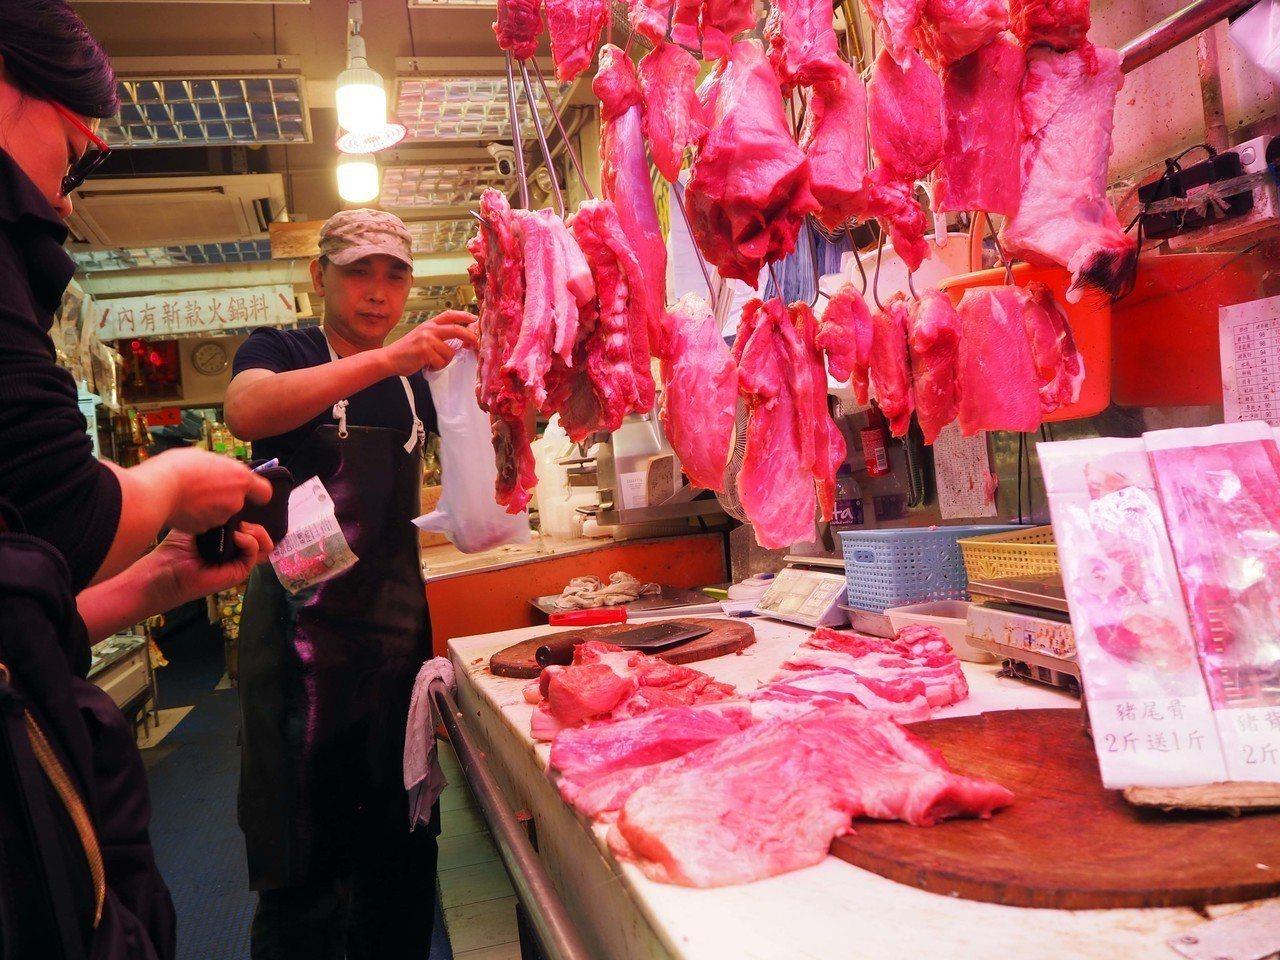 儘管非洲豬瘟在內地蔓延,但香港多名豬肉攤販表示,近期豬肉價格並沒有太大變化,惟因...